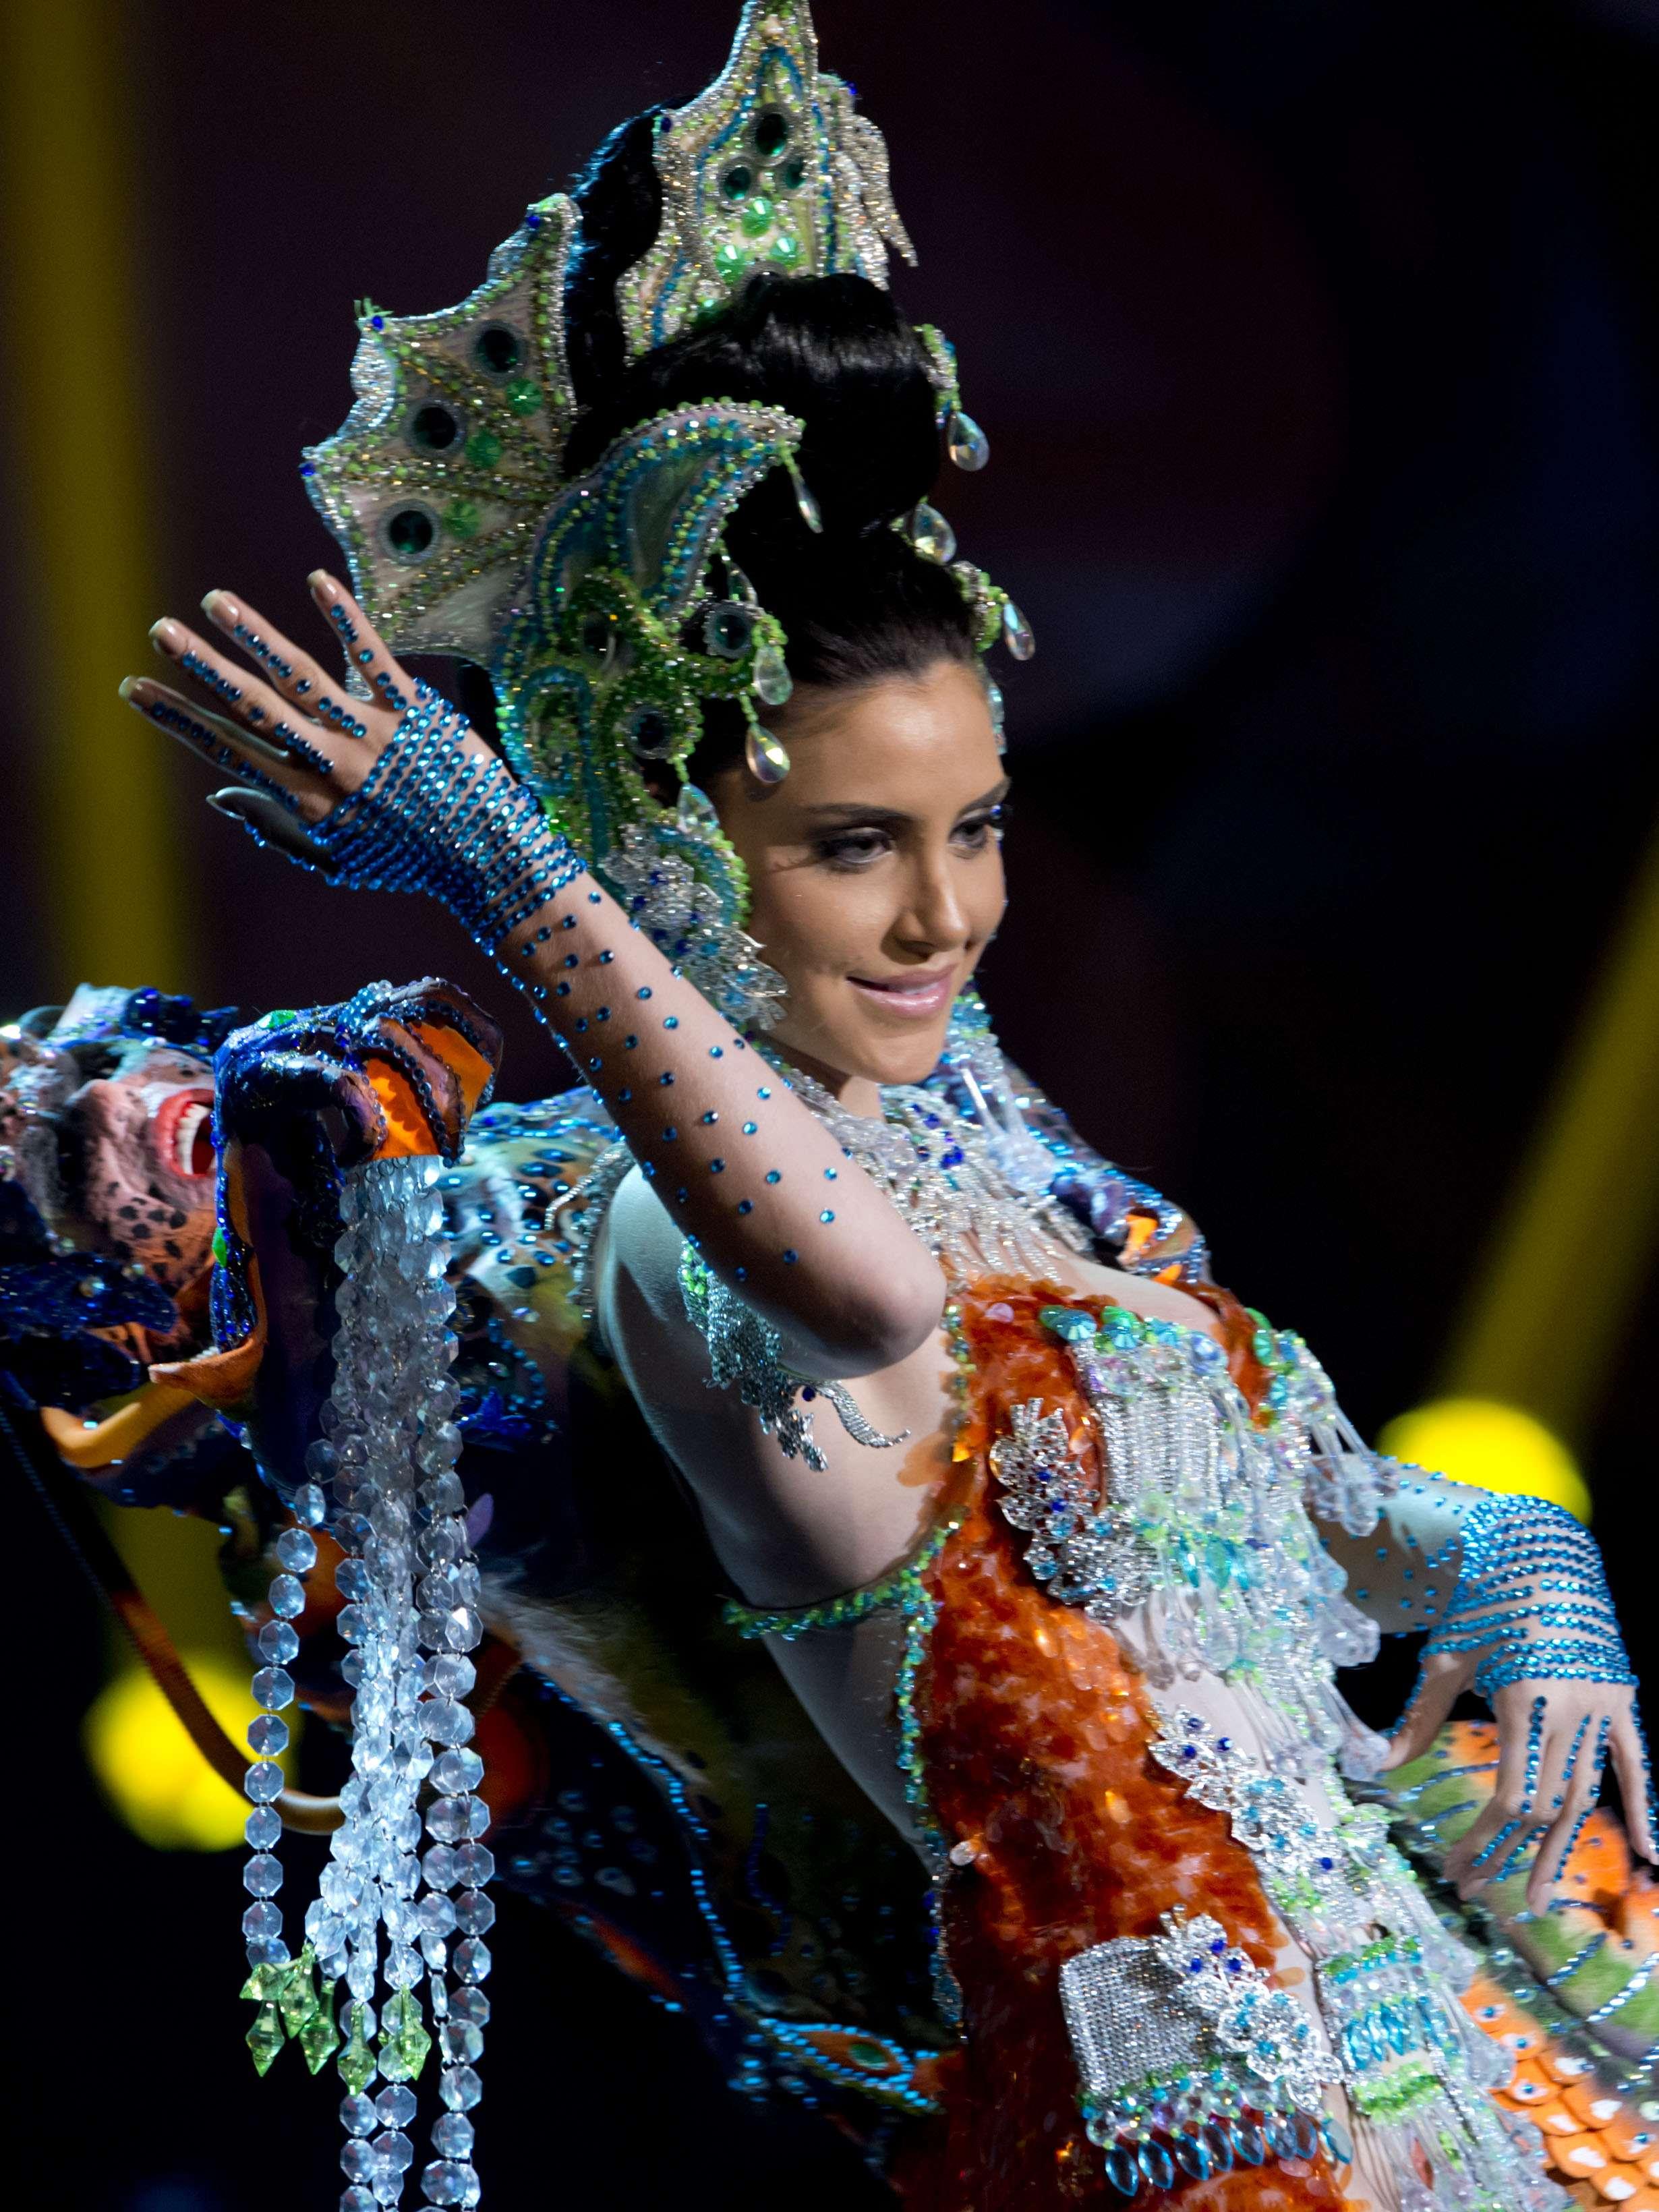 No início desta sexta-feira (27), as 27 candidatas ao título de Miss Brasil 2013 participaram de um momento muito tradicional nos concursos de beleza: o desfile de trajes típicos. O evento aconteceu no Minas Centro, em Belo Horizonte, e contou com as torcidas de cada estado Foto: Bruno Santos/Terra